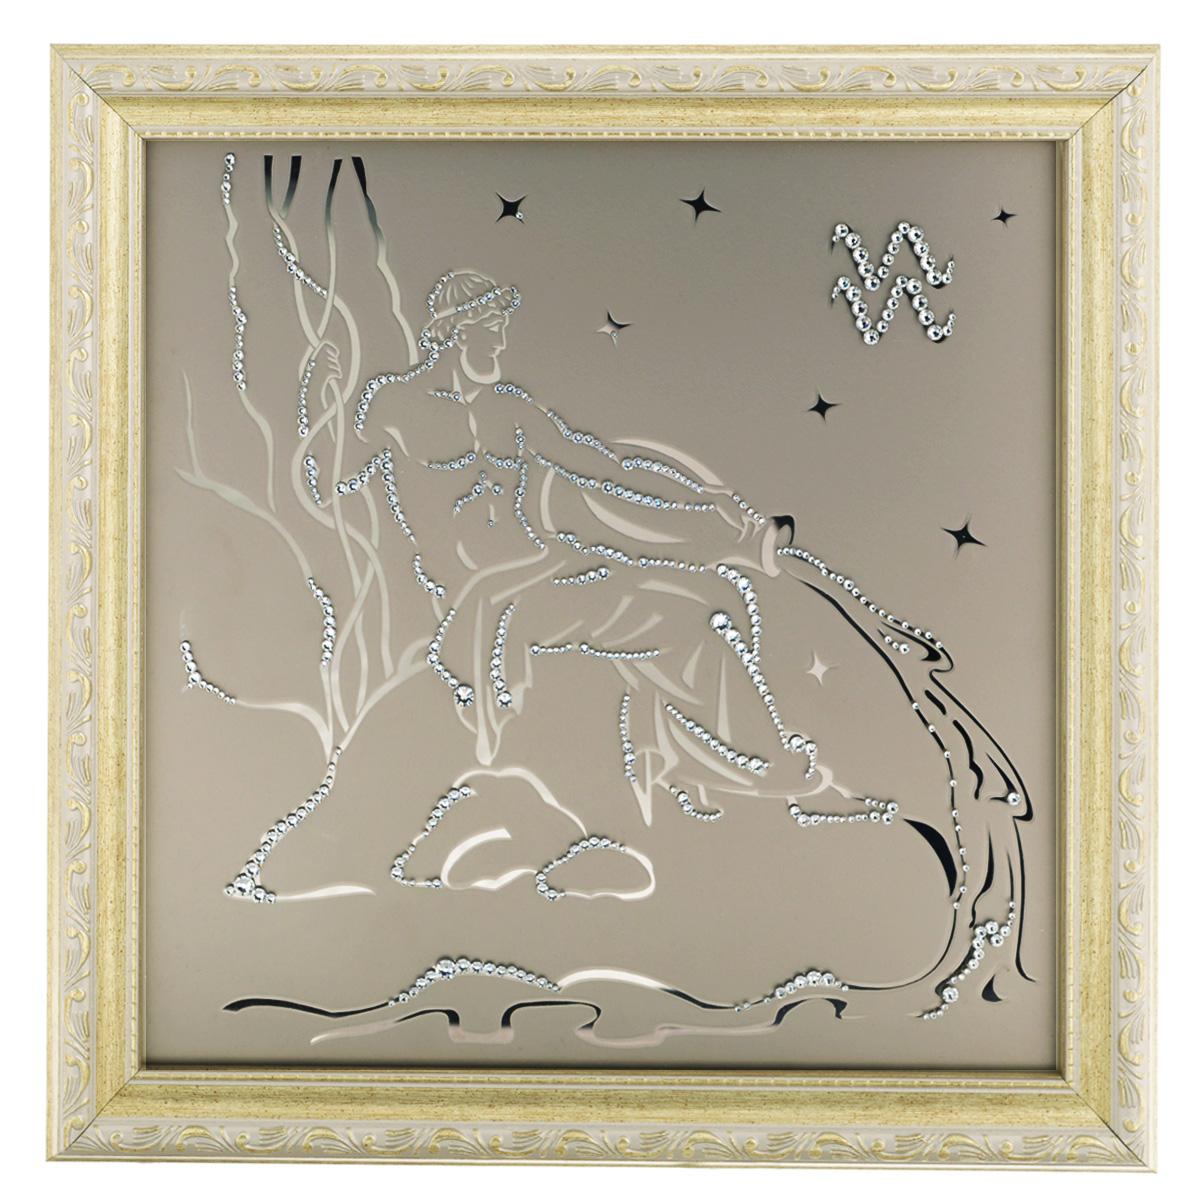 Картина с кристаллами Swarovski Знак зодиака. Водолей, 35 см х 35 см1130Изящная картина в багетной раме, инкрустирована кристаллами Swarovski в виде знака зодиака - Водолей на матовом стекле золотистого цвета. Кристаллы Swarovski отличаются четкой и ровной огранкой, ярким блеском и чистотой цвета. С обратной стороны имеется металлическая проволока для размещения картины на стене. Картина с кристаллами Swarovski Знак зодиака. Водолей элегантно украсит интерьер дома или офиса, а также станет прекрасным подарком, который обязательно понравится получателю. Блеск кристаллов в интерьере, что может быть сказочнее и удивительнее. Картина упакована в подарочную картонную коробку синего цвета и комплектуется сертификатом соответствия Swarovski.